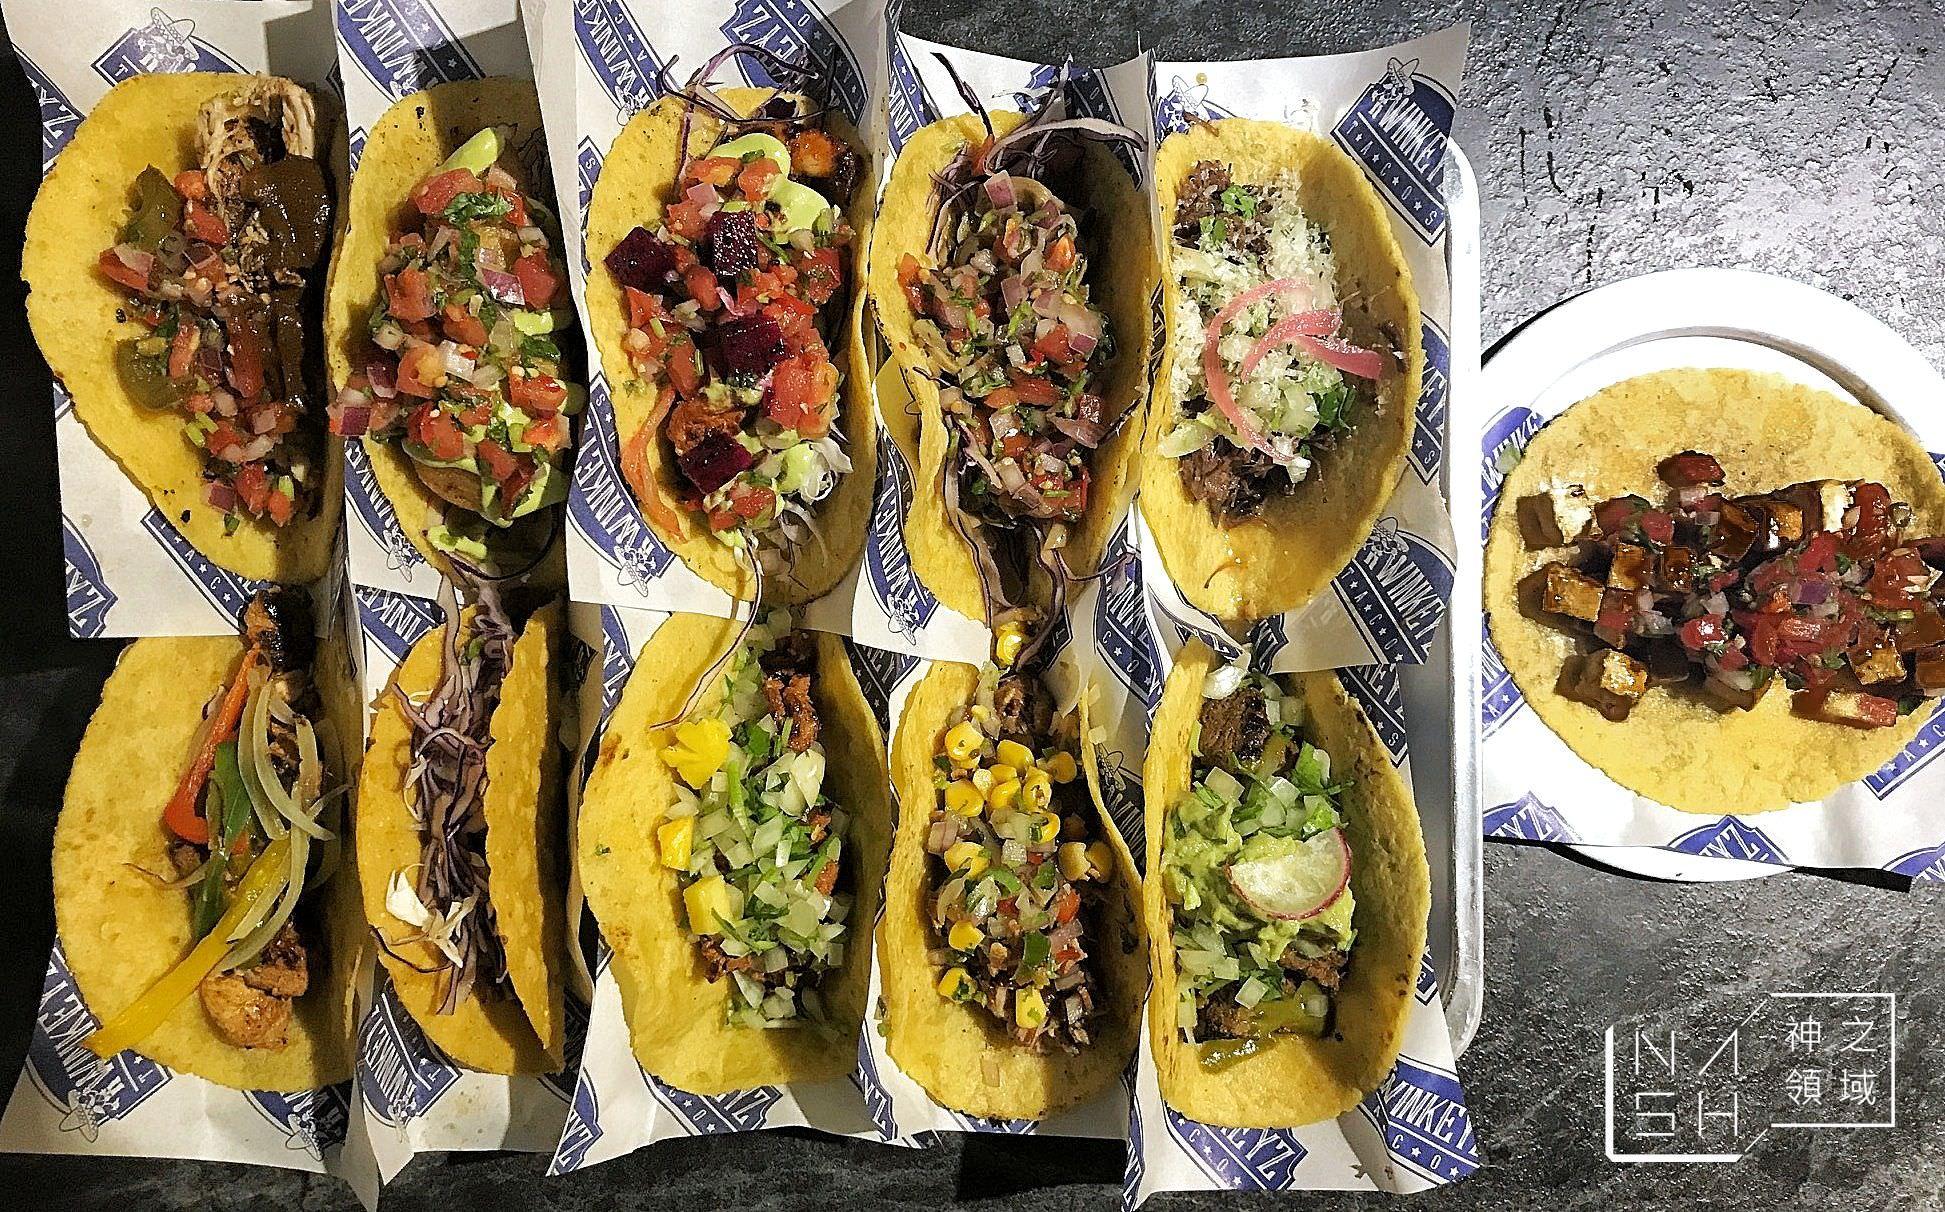 台北Taco推薦,捷運忠孝敦化美食推薦,Twinkeyz Tacos,塔可老爹 @Nash,神之領域